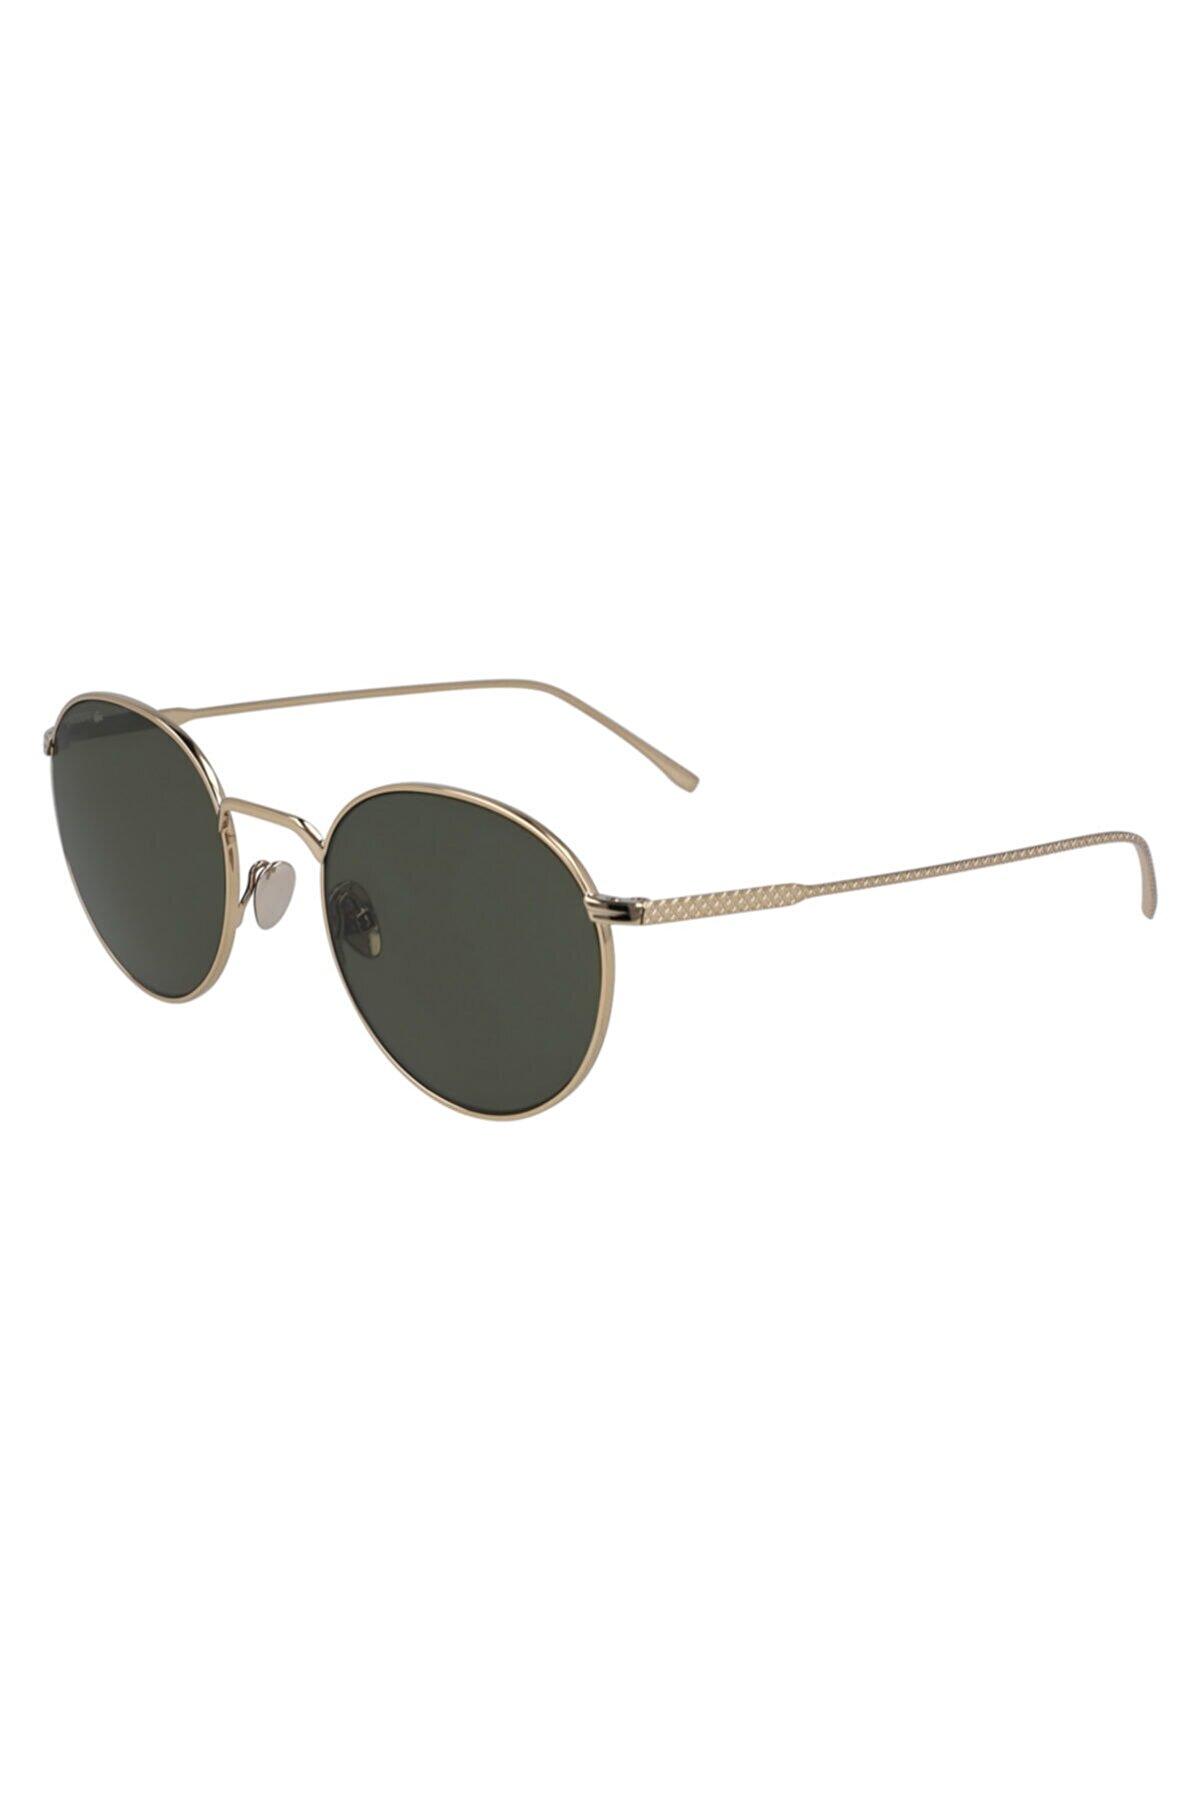 Lacoste Orijinal Güneş Gözlüğü